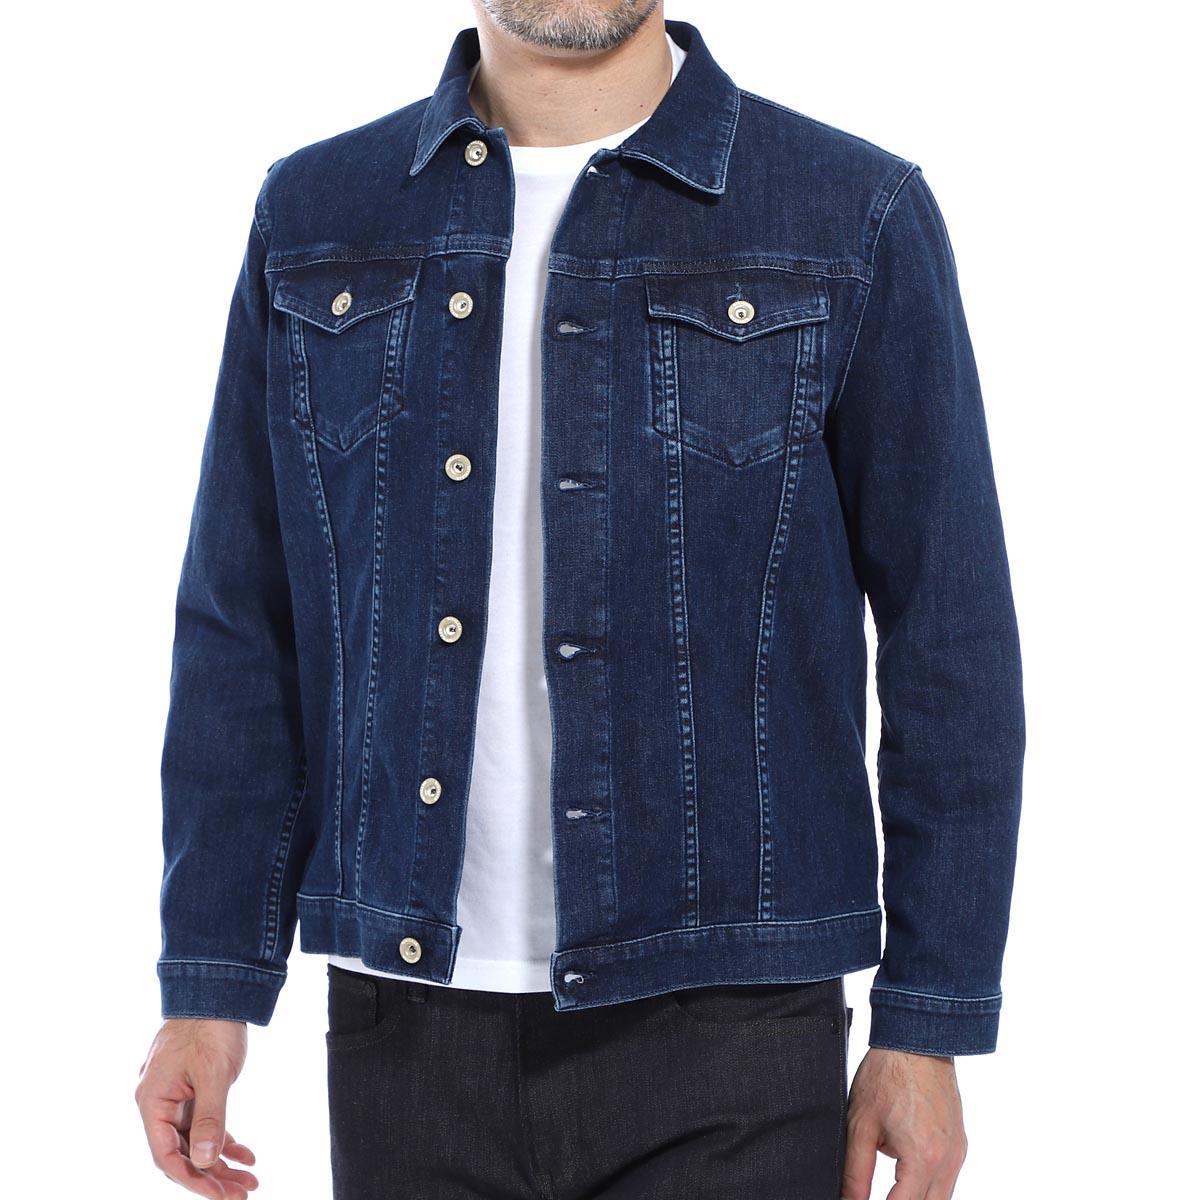 シヴィリア SIVIGLIA デニムジャケット ブルー メンズ 大きいサイズあり o0m2 s417 6001 3rd TYPE【あす楽対応_関東】【返品送料無料】【ラッピング無料】